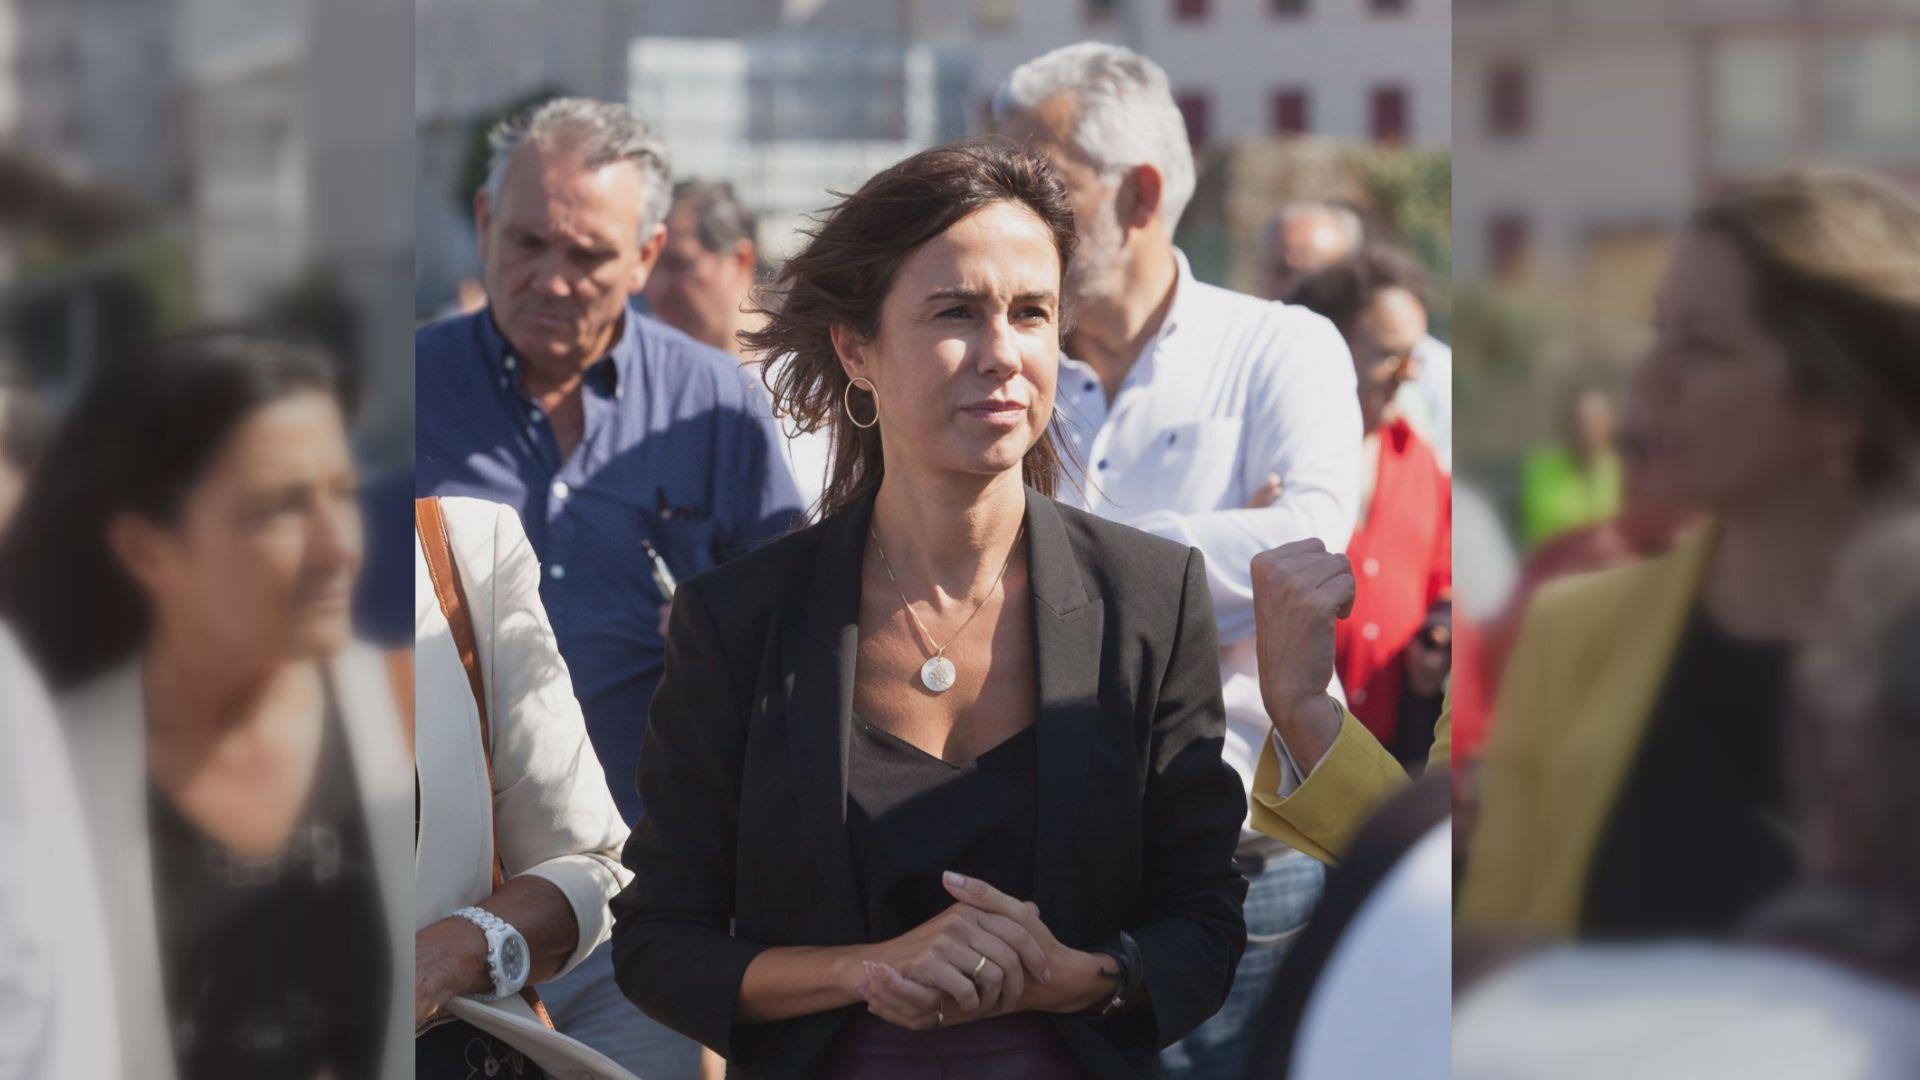 ISABEL PARDO (presidenta del Adif) - tiene un patrimonio de 60.310 euros